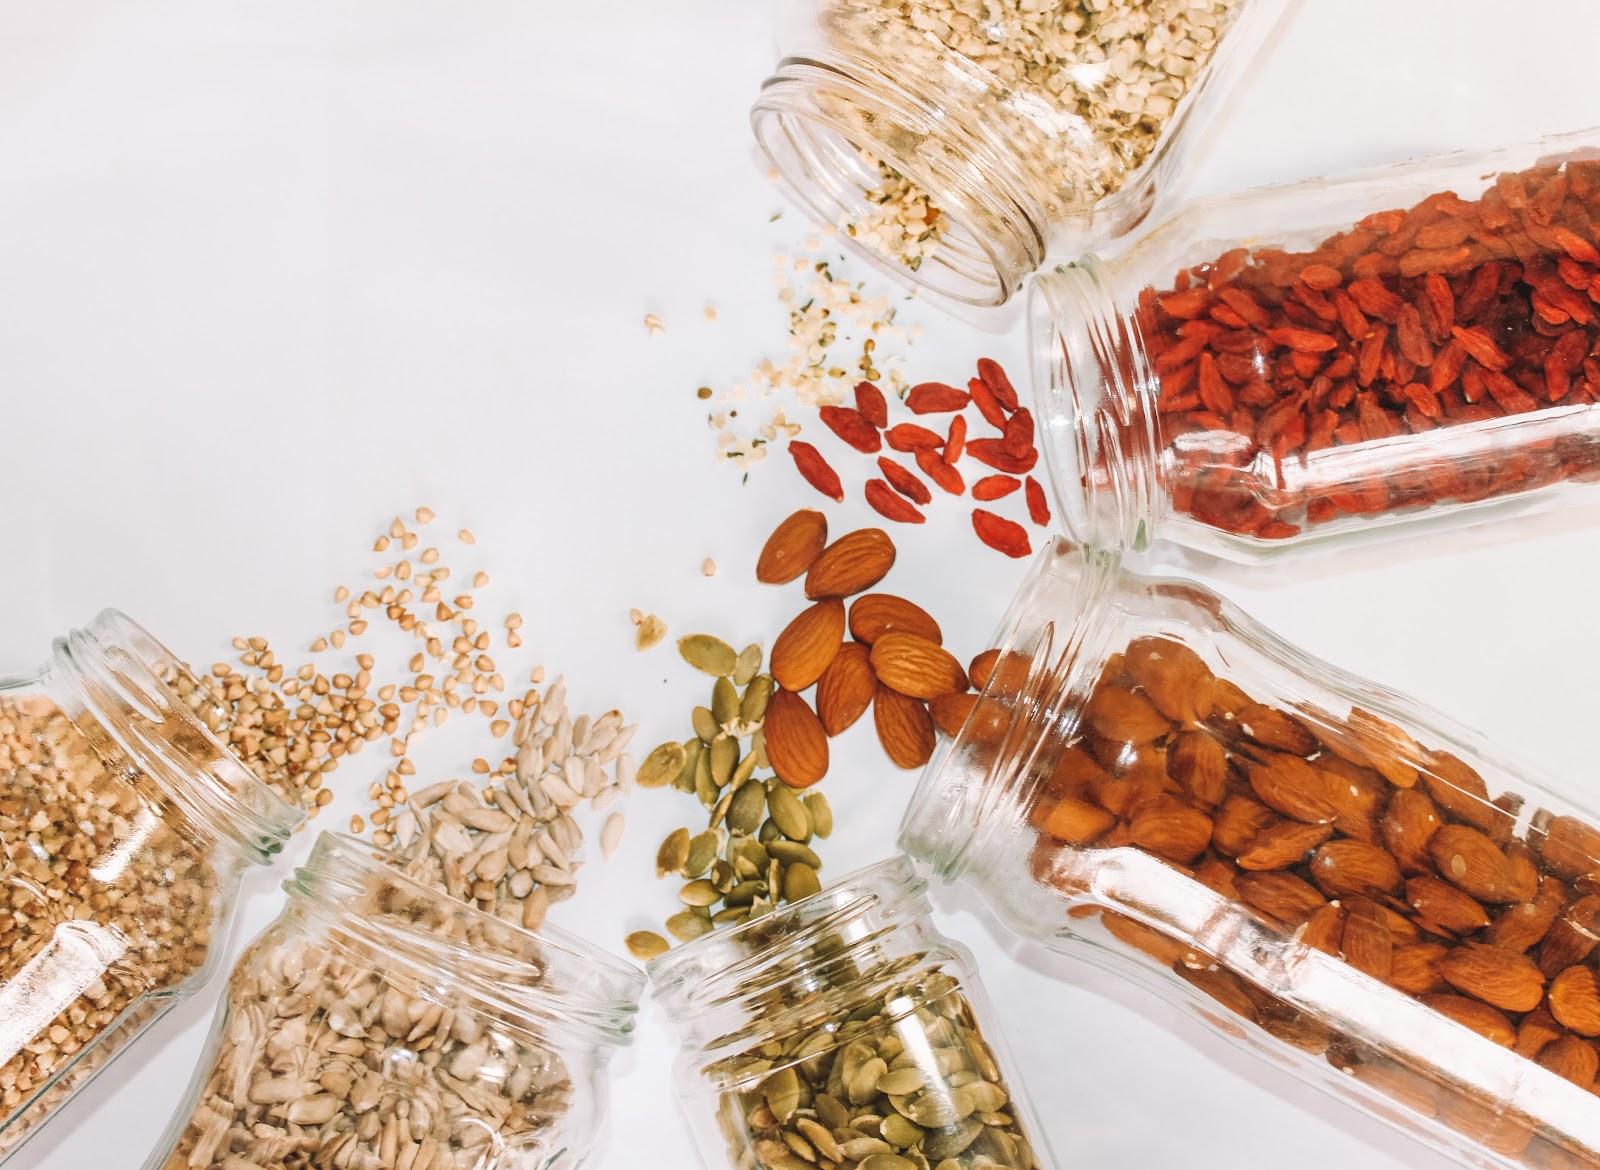 Sementes de castanha fibras alimentares